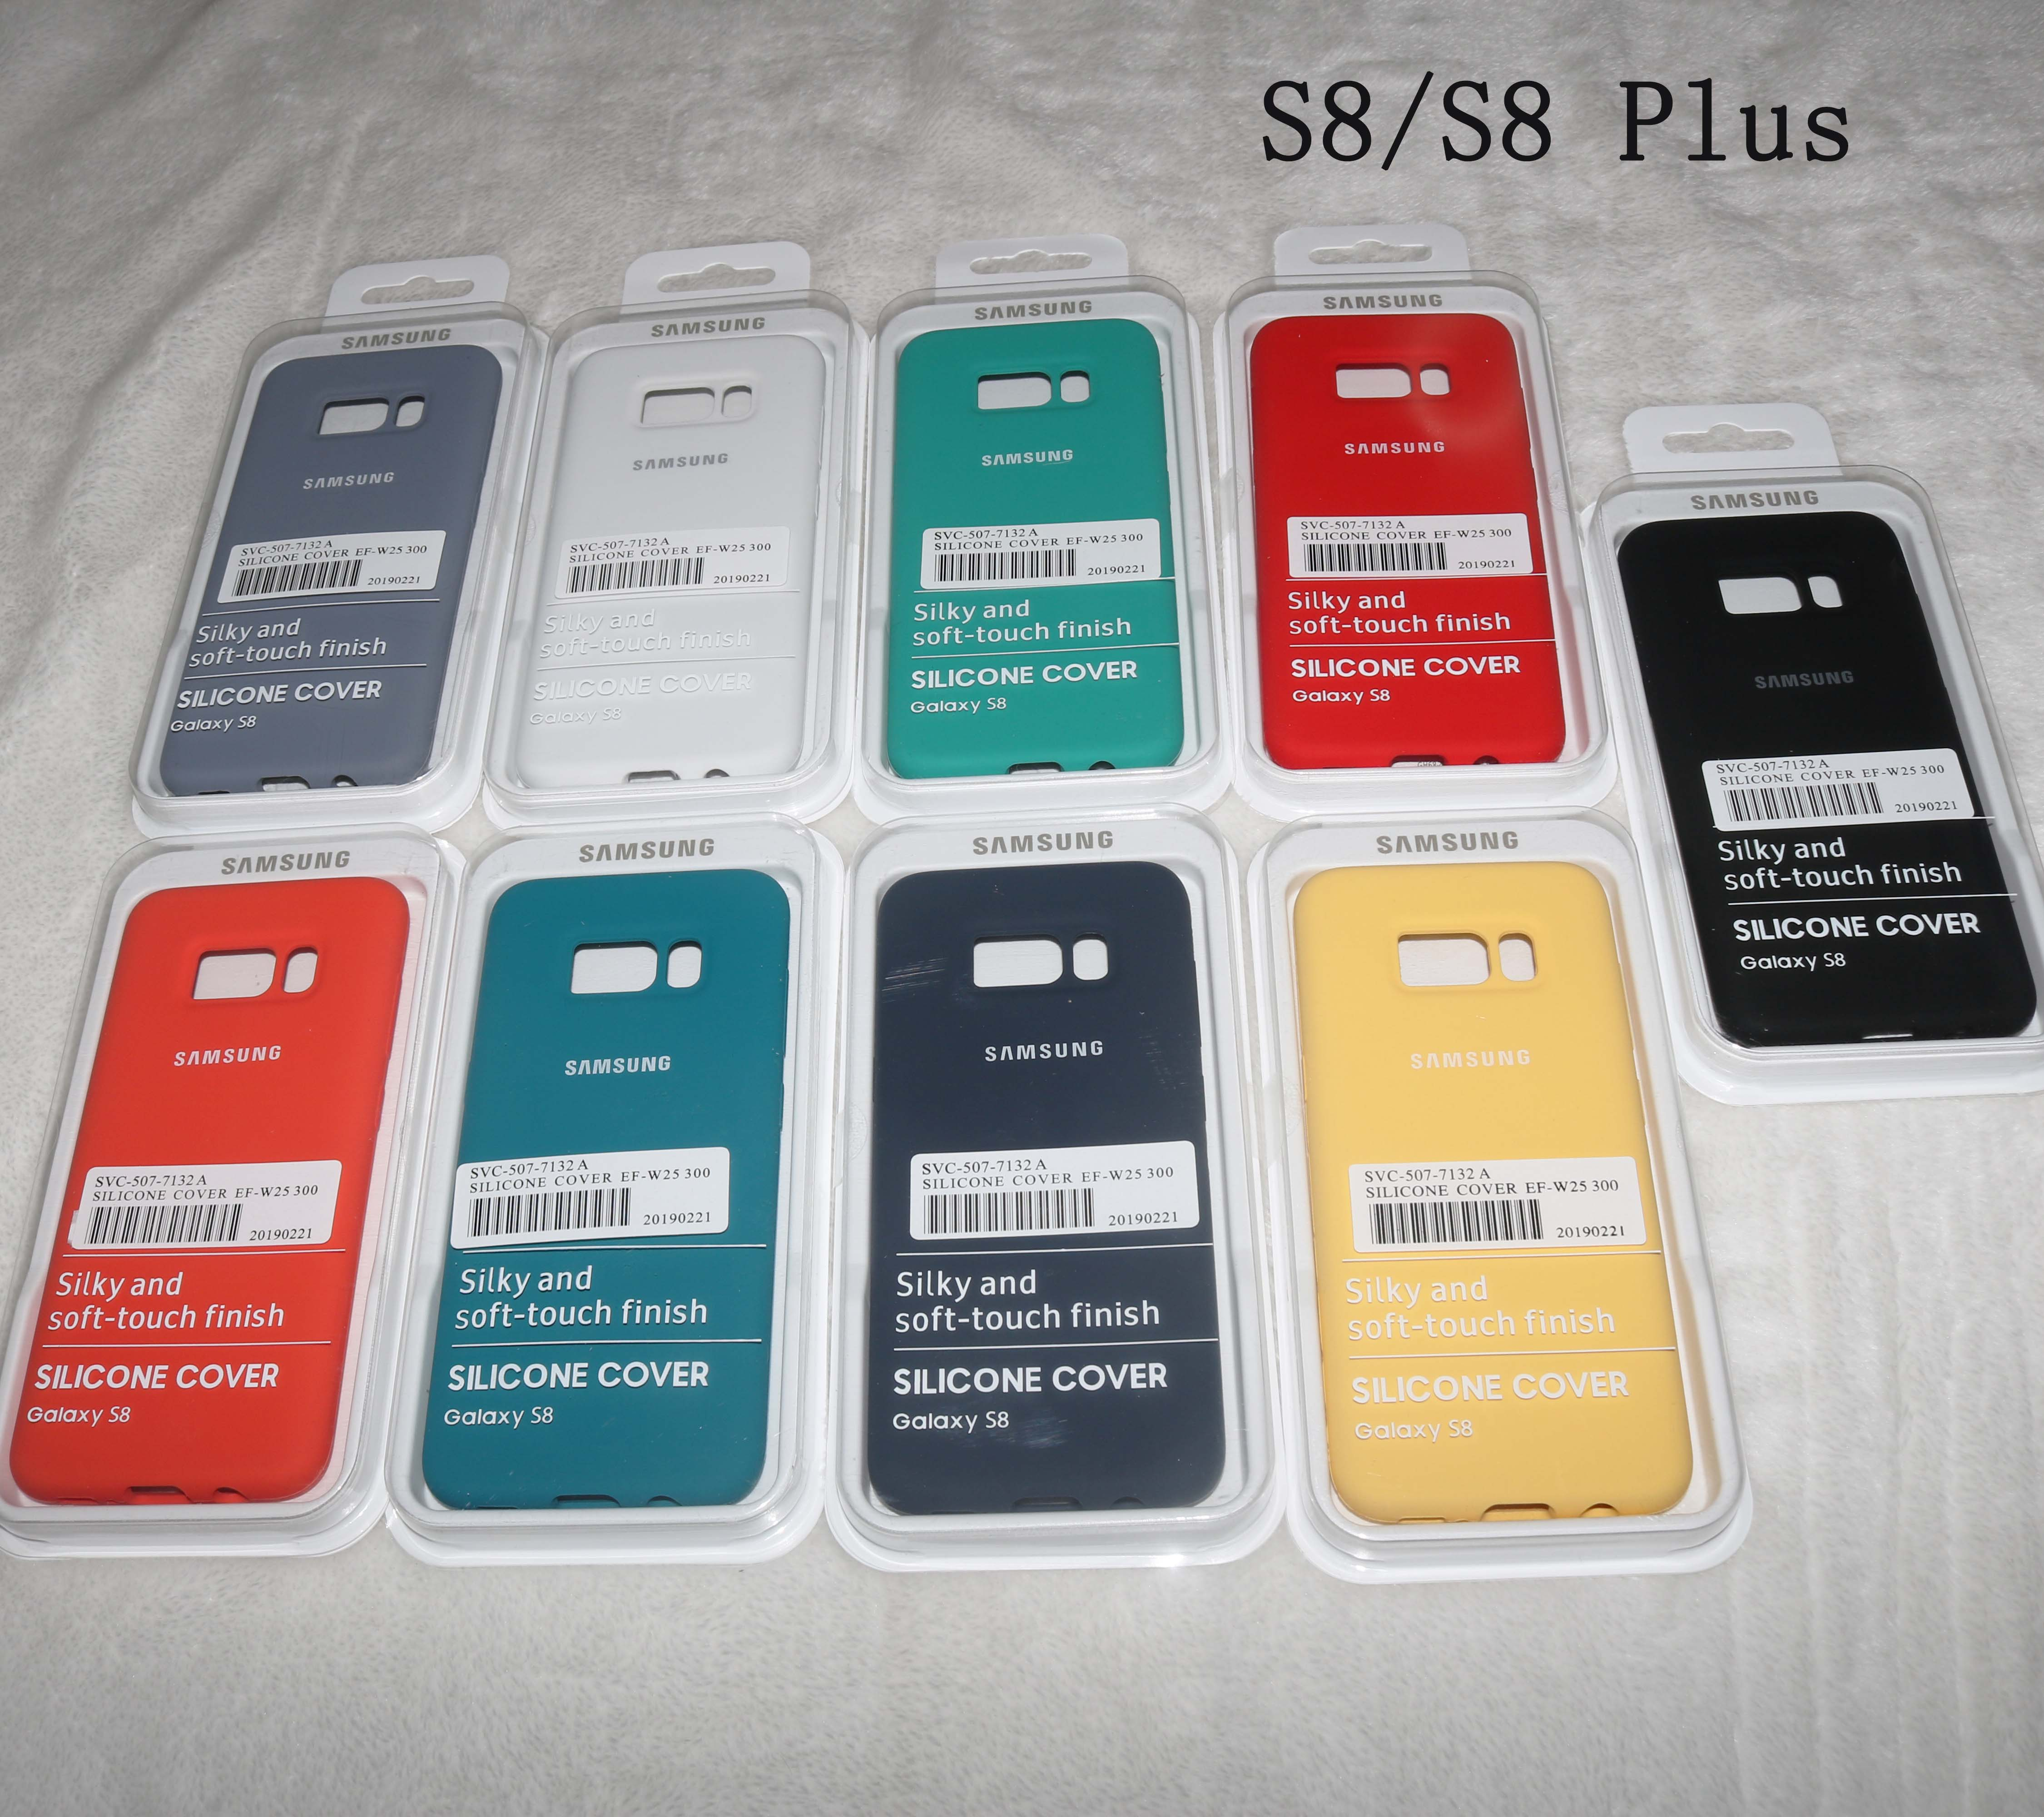 coque samsung silicone cover s8